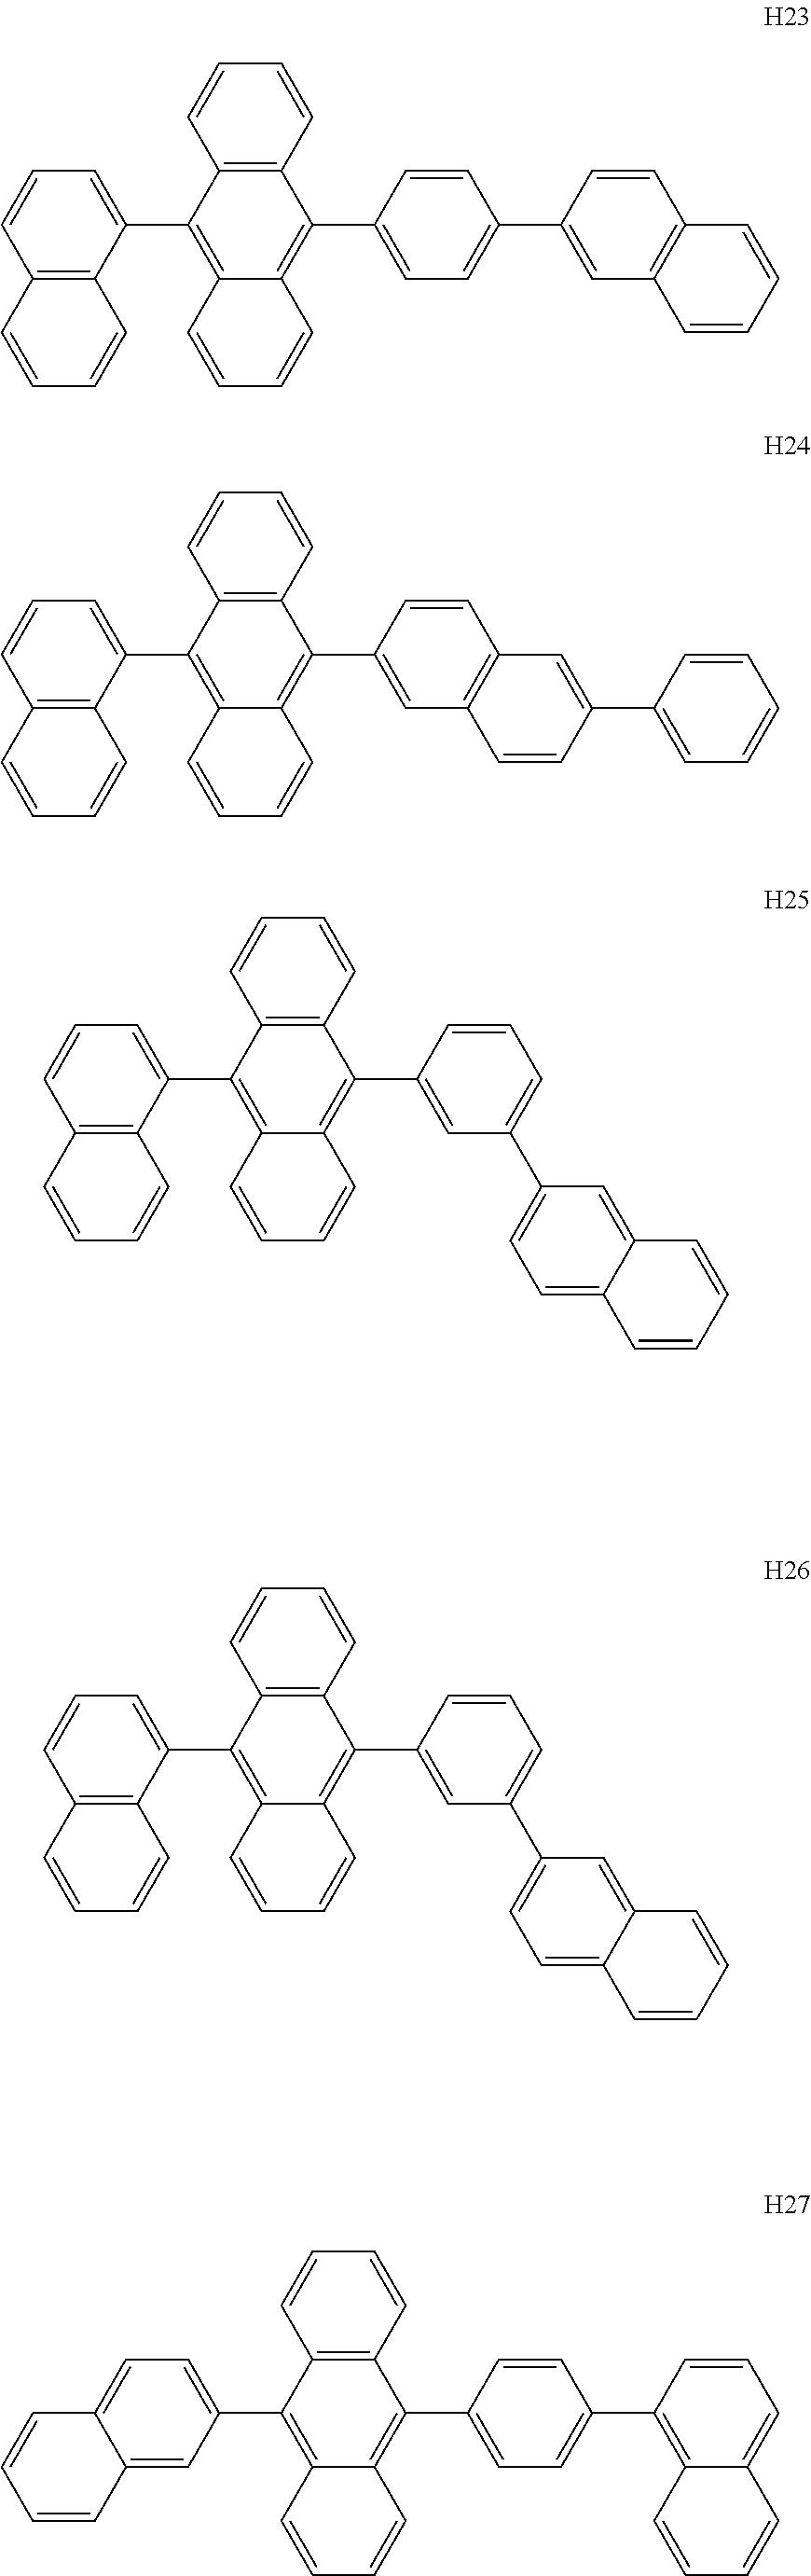 Figure US20160155962A1-20160602-C00236